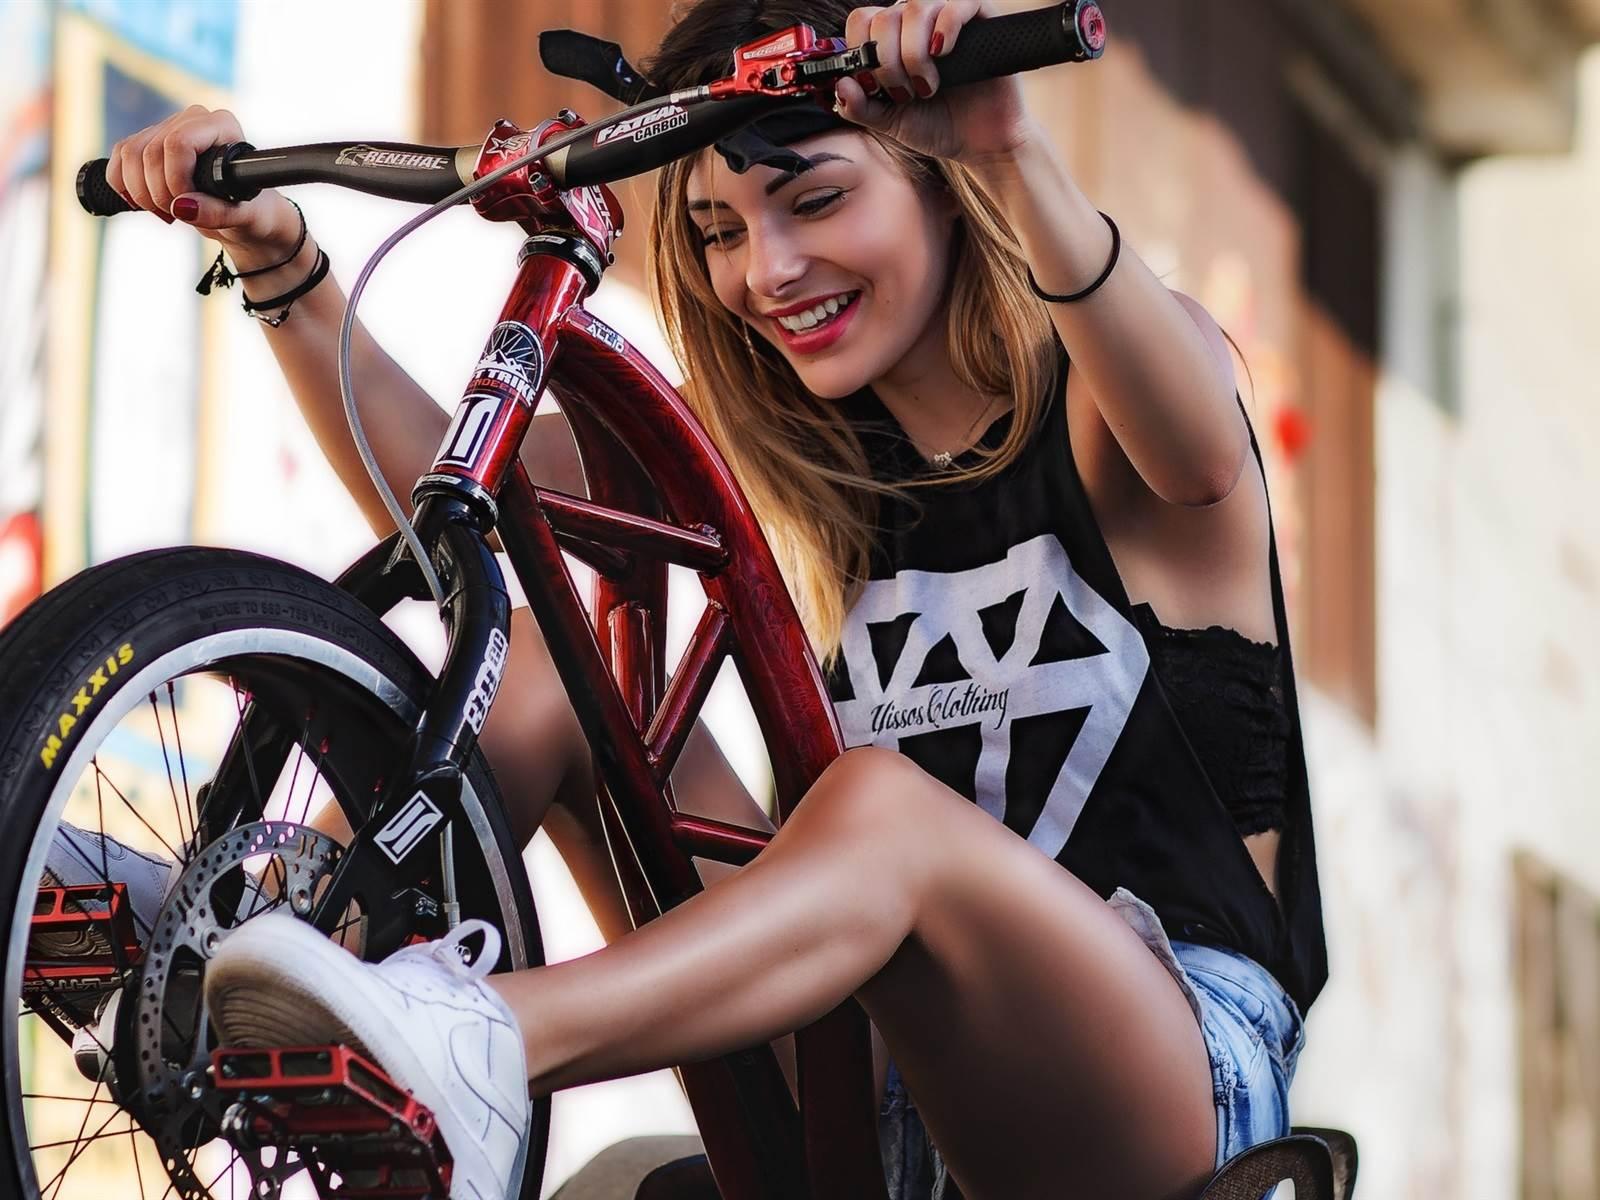 Телки на велосипеде, раздевание огромной груди